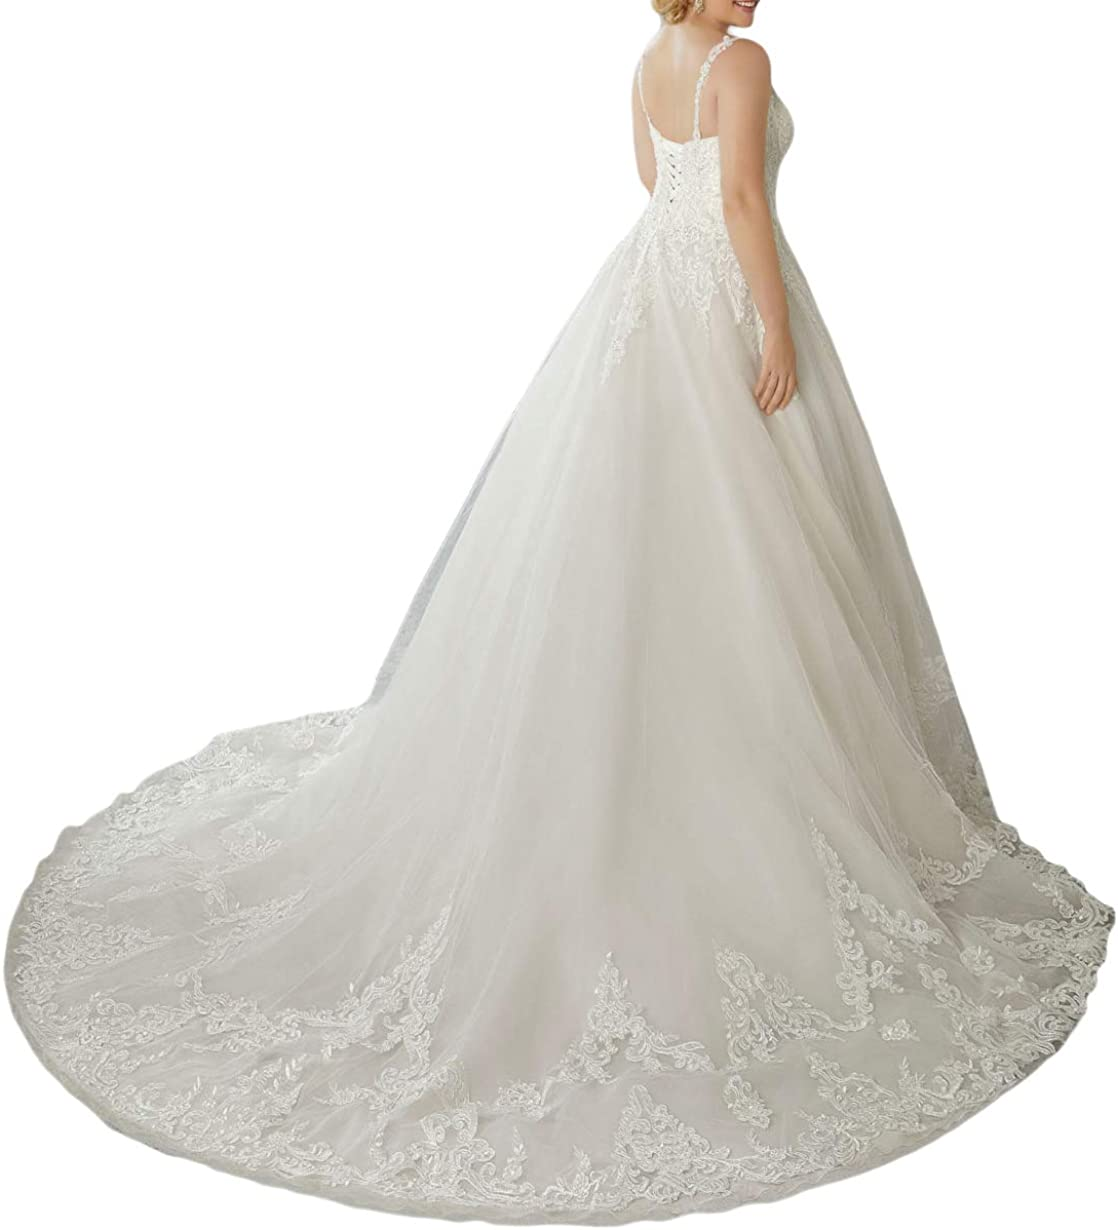 SongsurpriseMall Brautkleider Hochzeitskleid V Ausschnitt Spitze T/üll Ballkleider Spaghetti Hochzeitskleider mit Schn/ürung